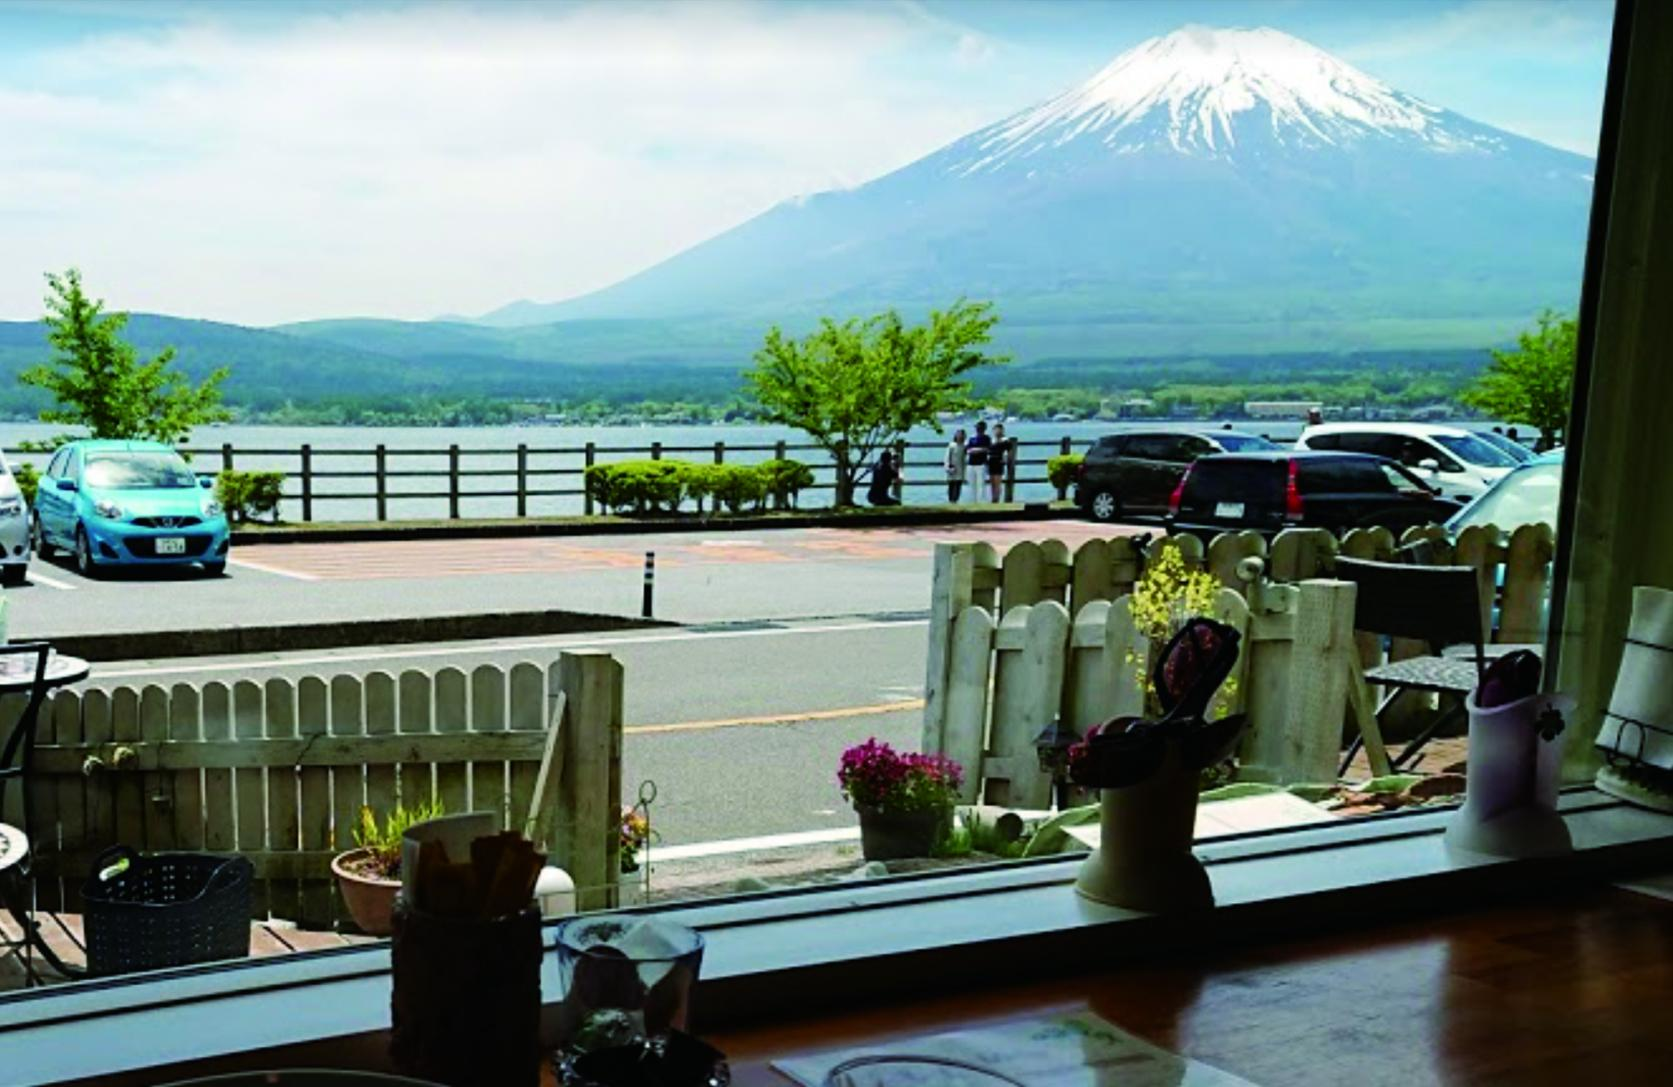 山中湖にはオシャレなカフェやレストランがいっぱい!-3